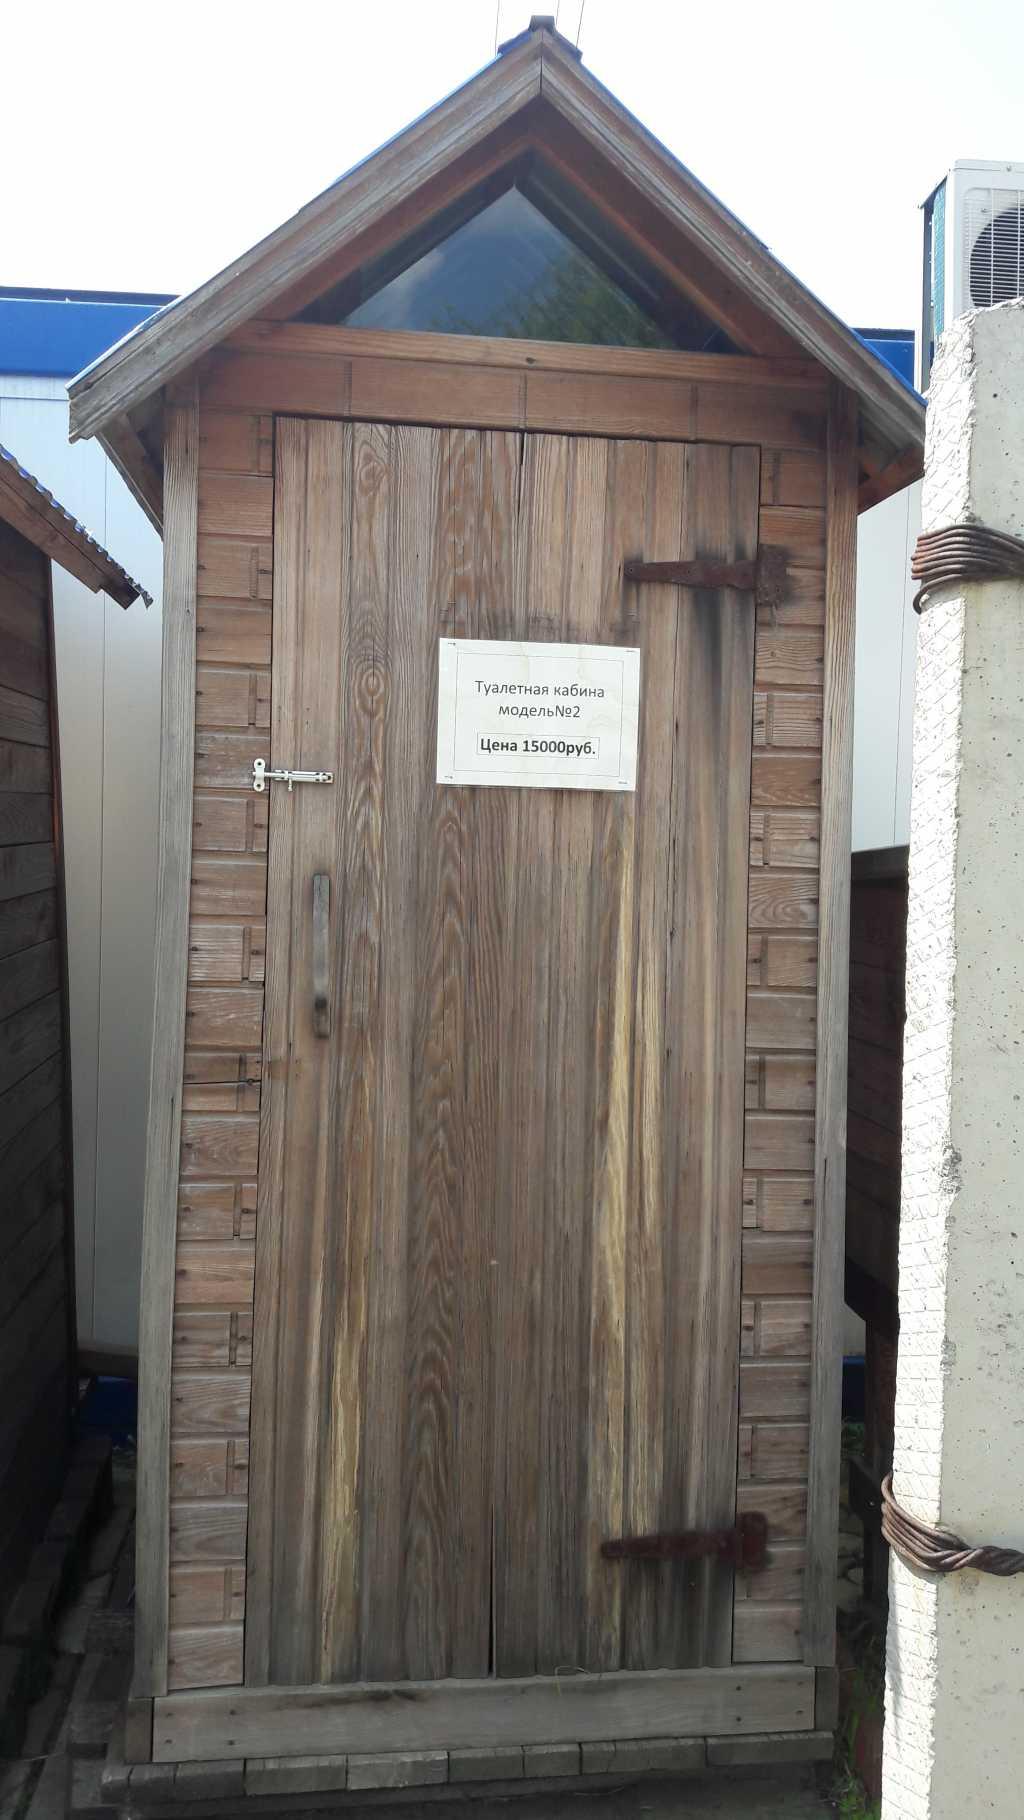 Туалетные деревянные кабины в Тюмени. Фото 3